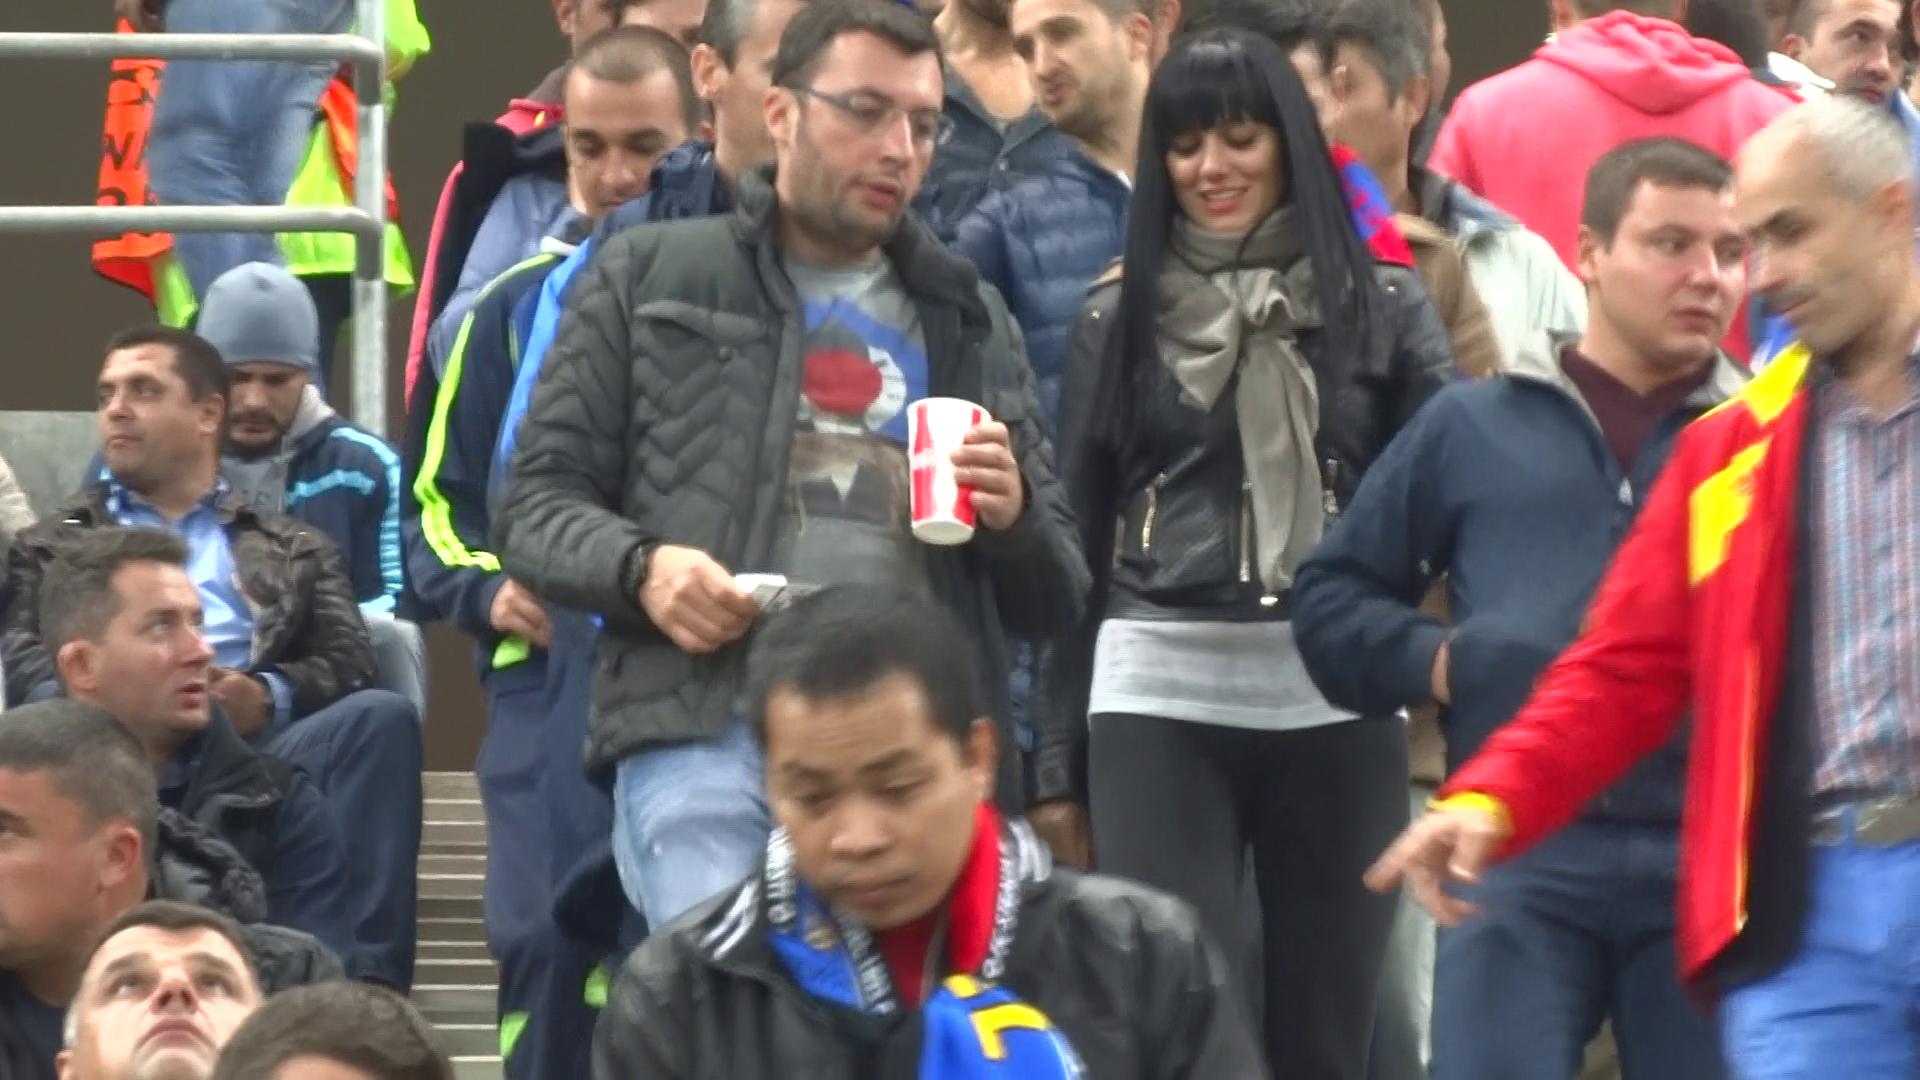 La intrarea in stadion, Giovanni a luat biletele fetelor si le-a cautat locurile